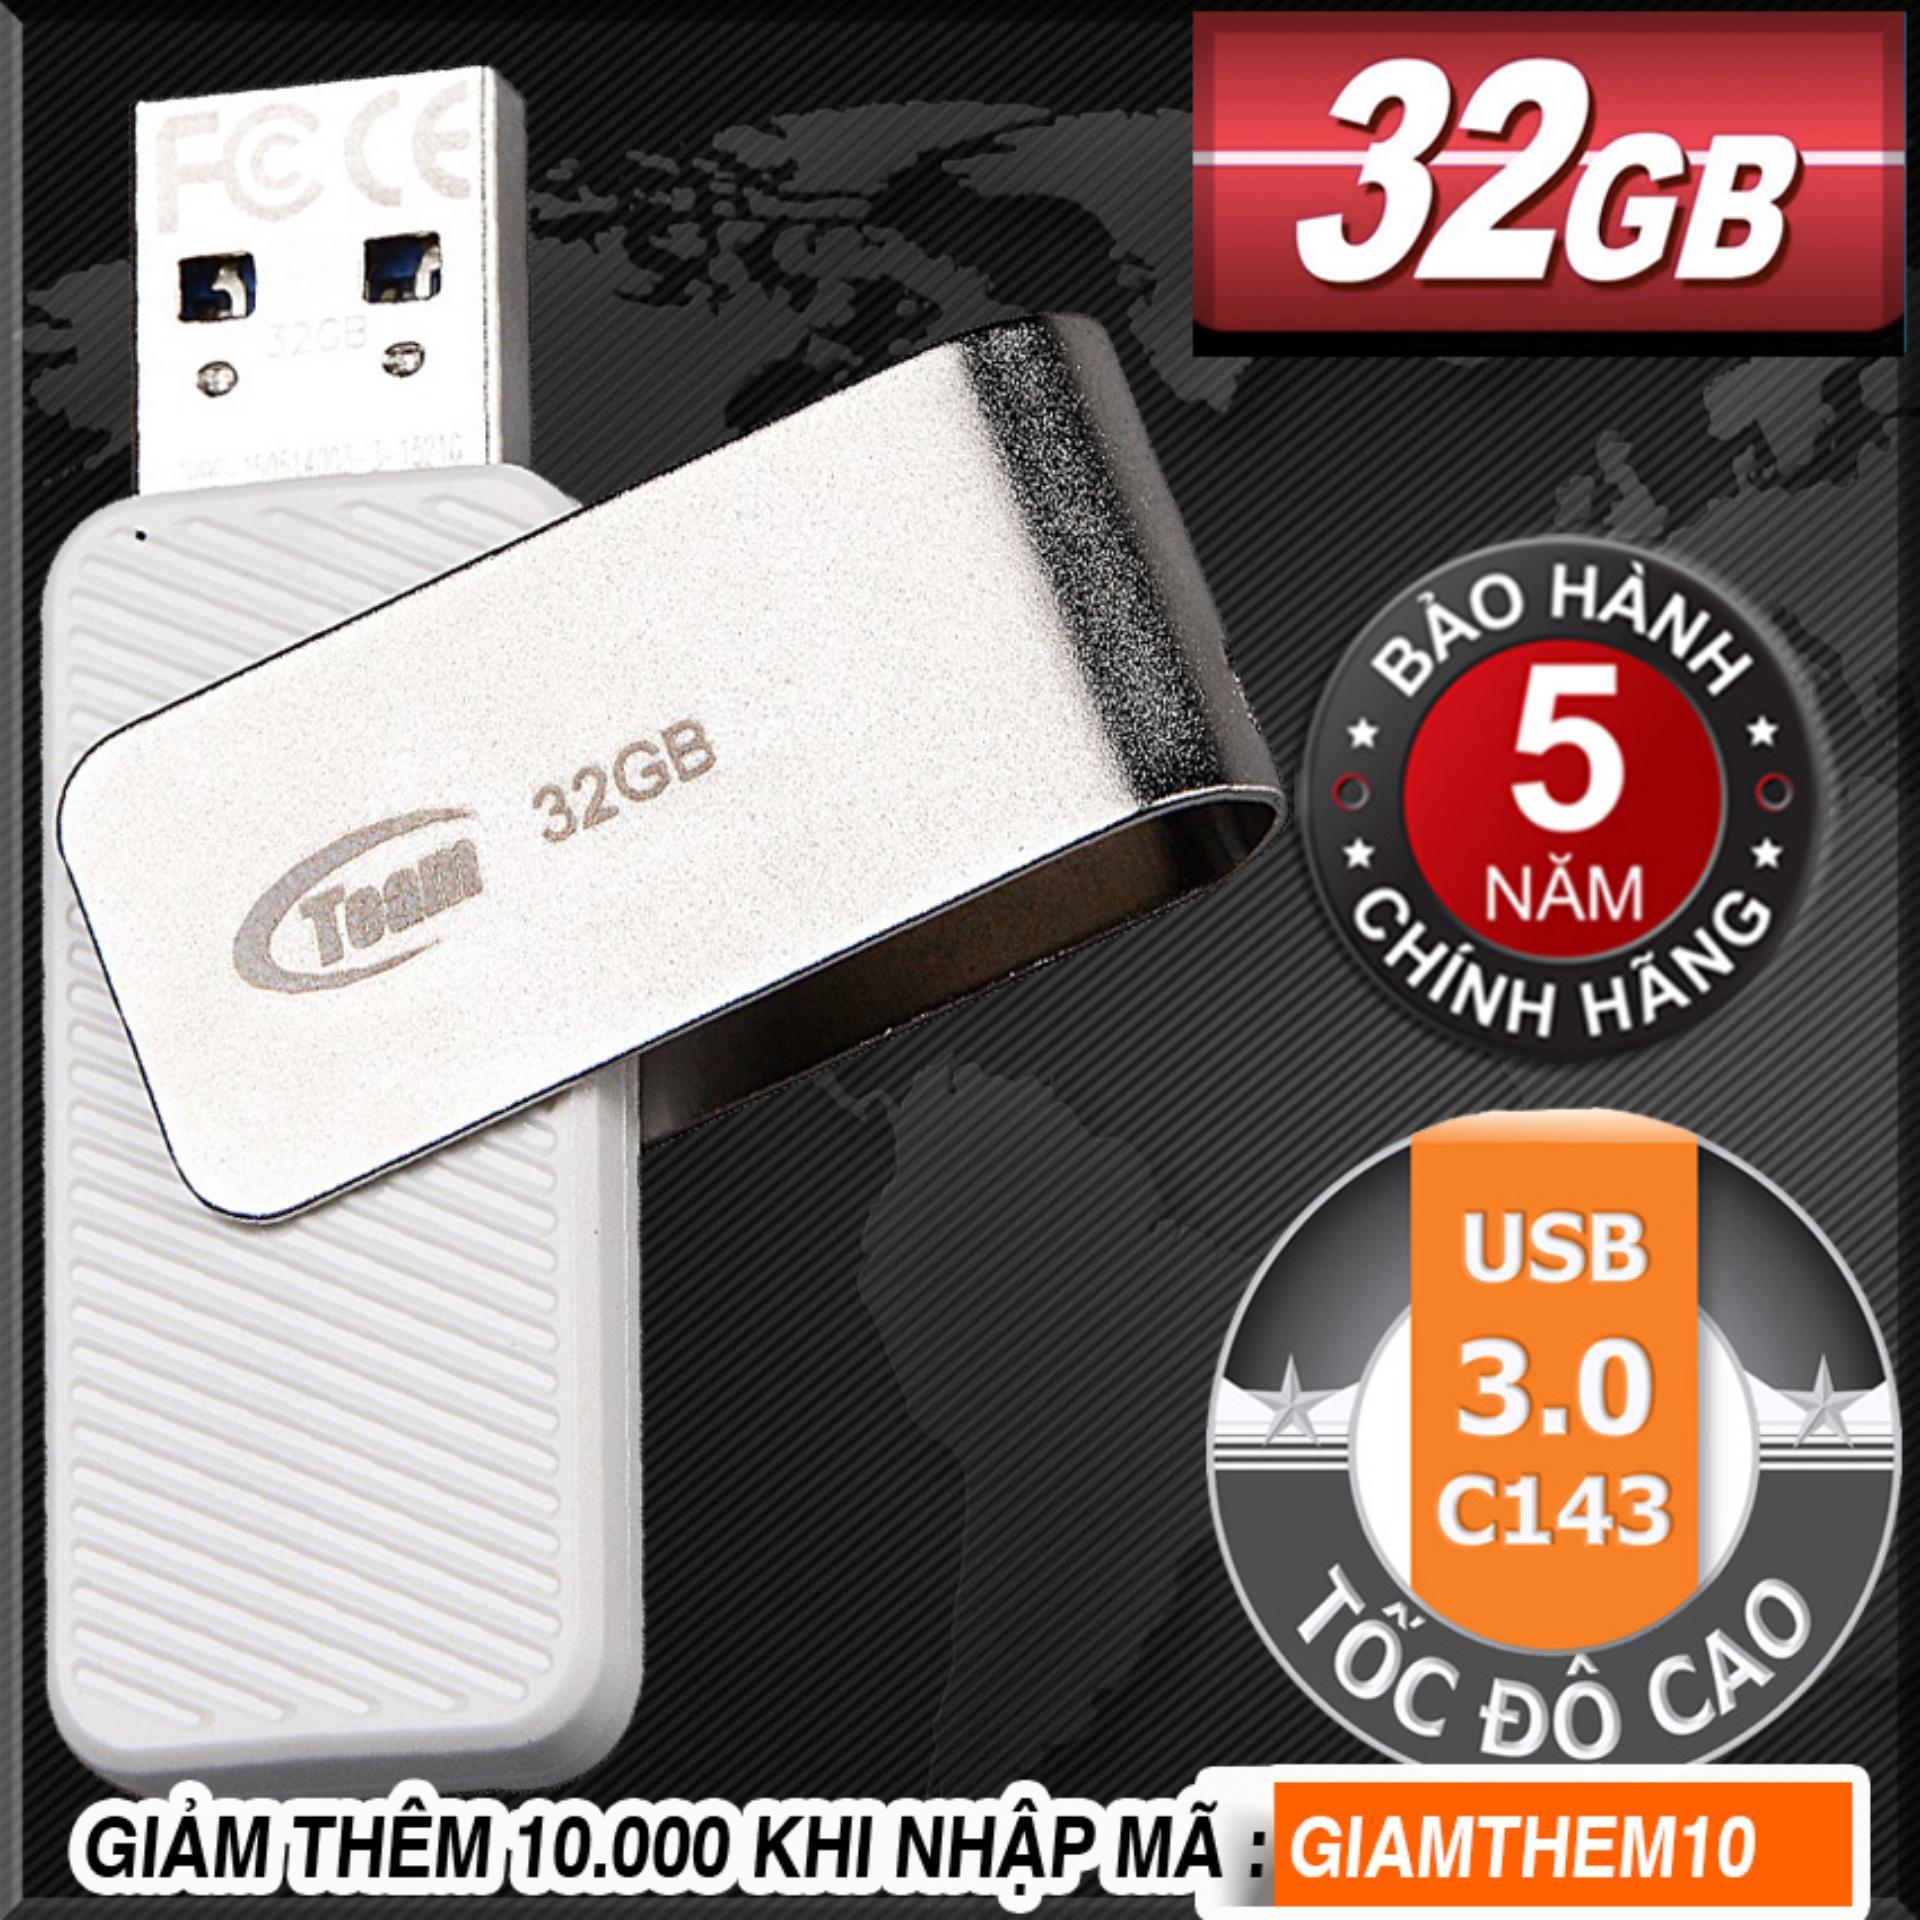 USB 3.0 32GB Team Group INC C143 (Trắng) Tốc độ cao - Hãng phân phối chính thức